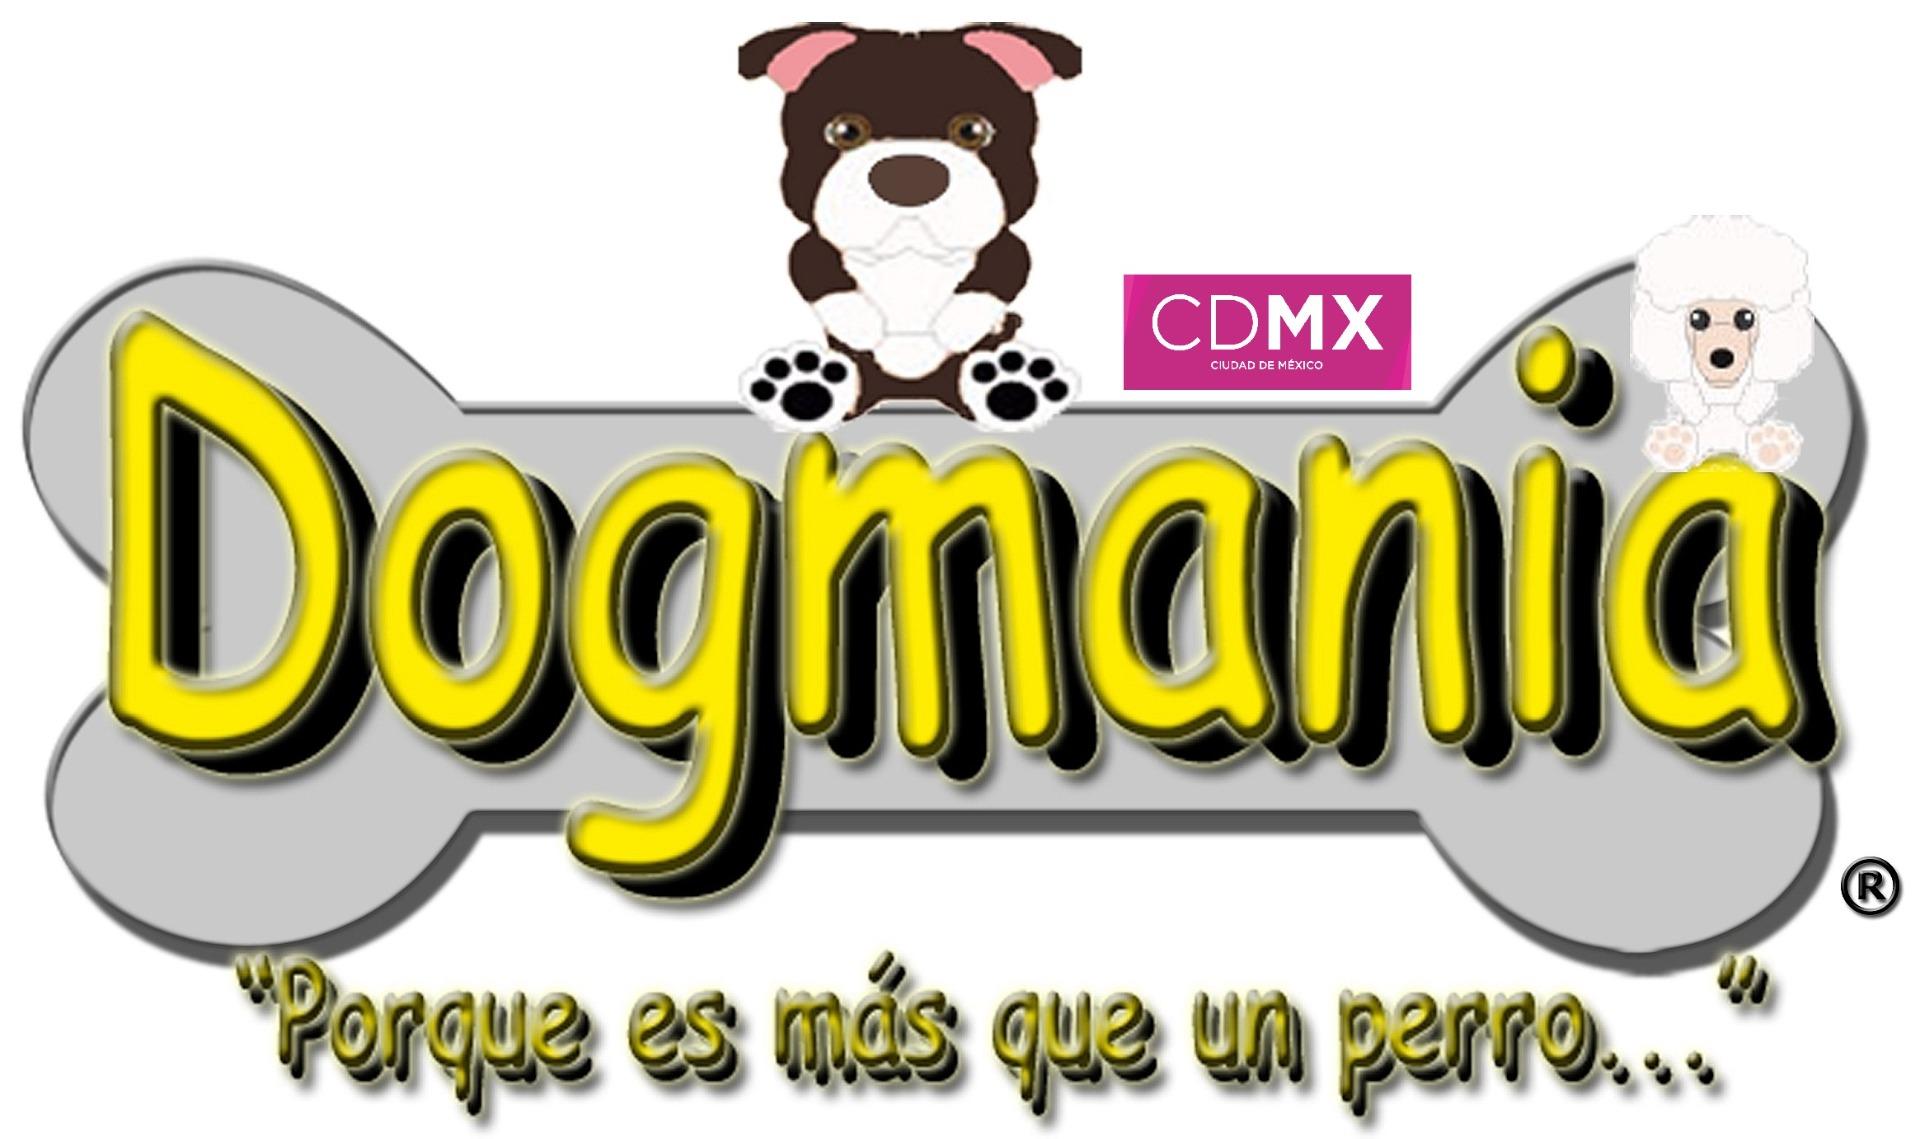 DOGMANIA CDMX